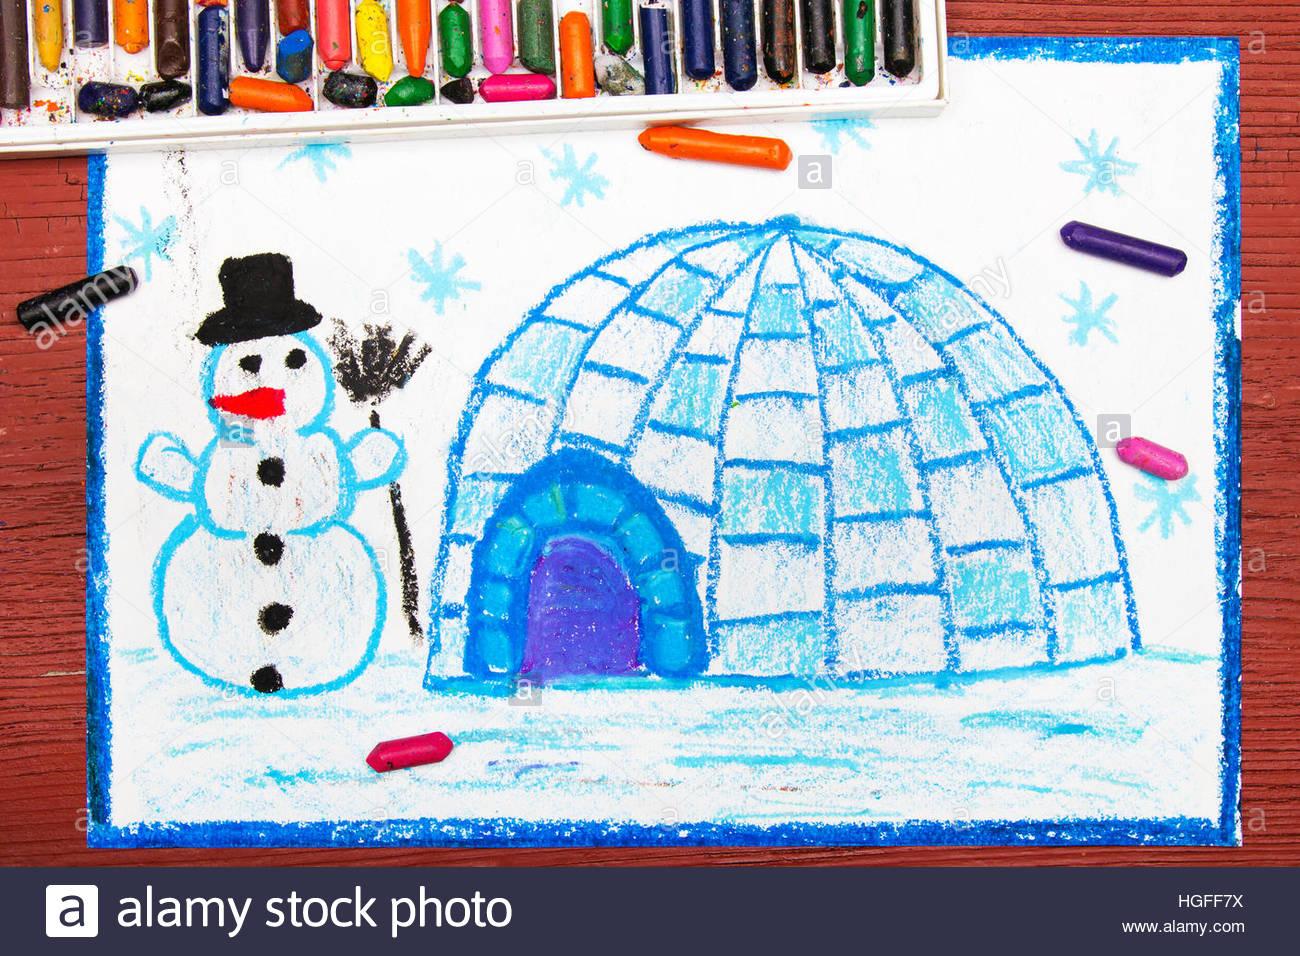 Dessin Coloré : Paysage D'hiver, L'igloo Et Le Snowman intérieur Dessin De Paysage D Hiver